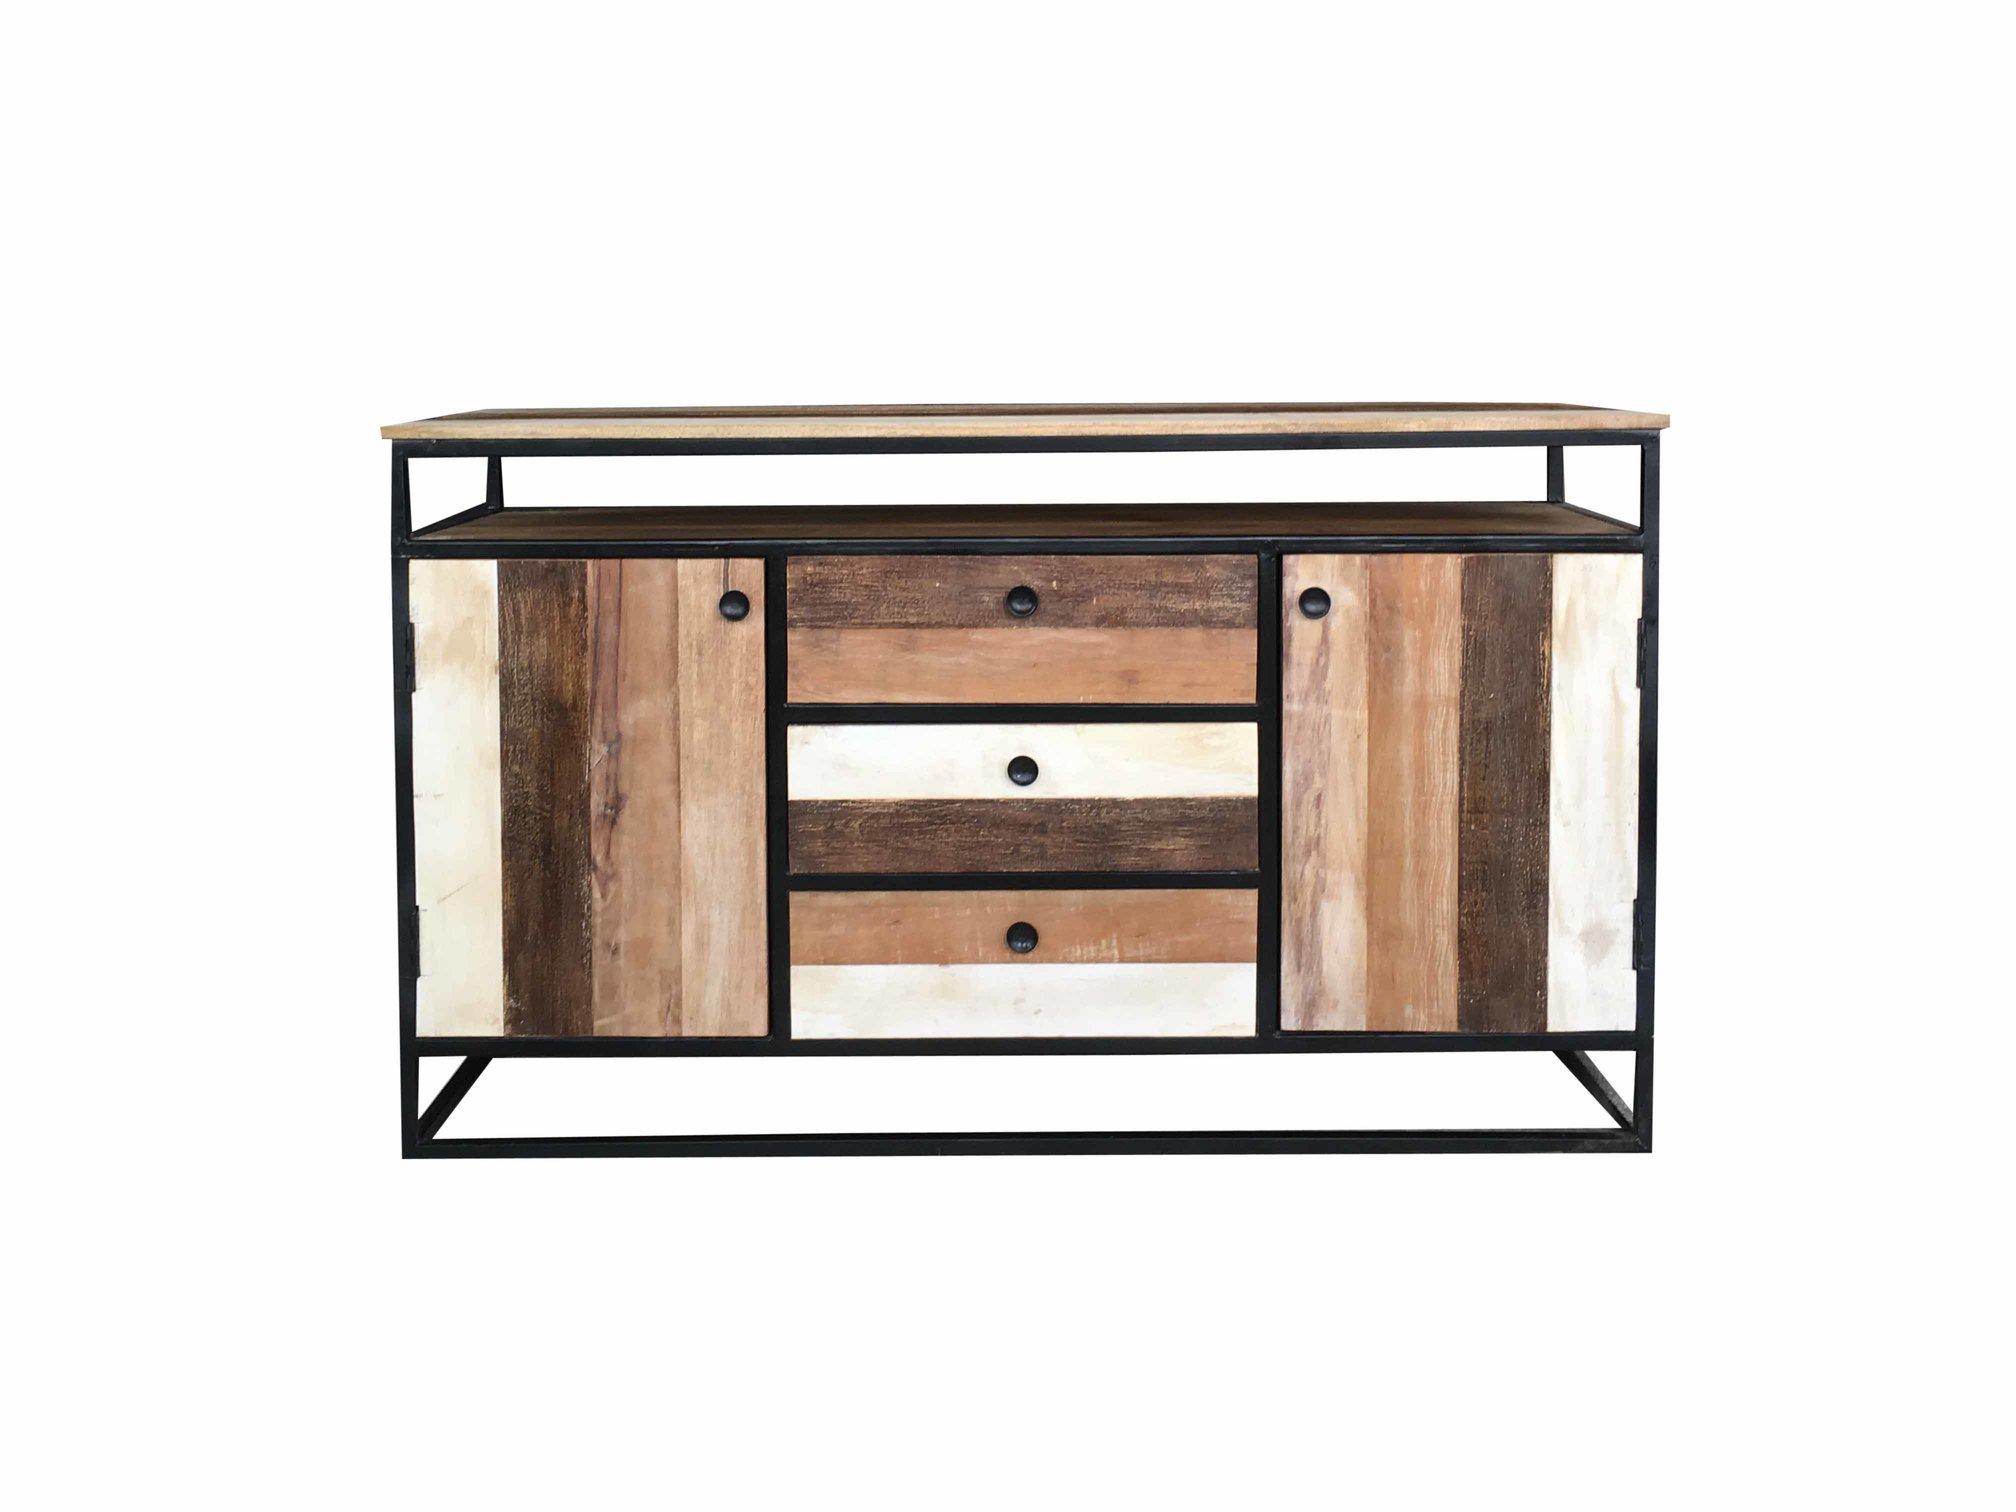 Industrial Reclaimed Mango Wood 2 Door 3 Drawer Sideboard With Metal Intended For Preferred Metal Framed Reclaimed Wood Sideboards (Gallery 6 of 20)